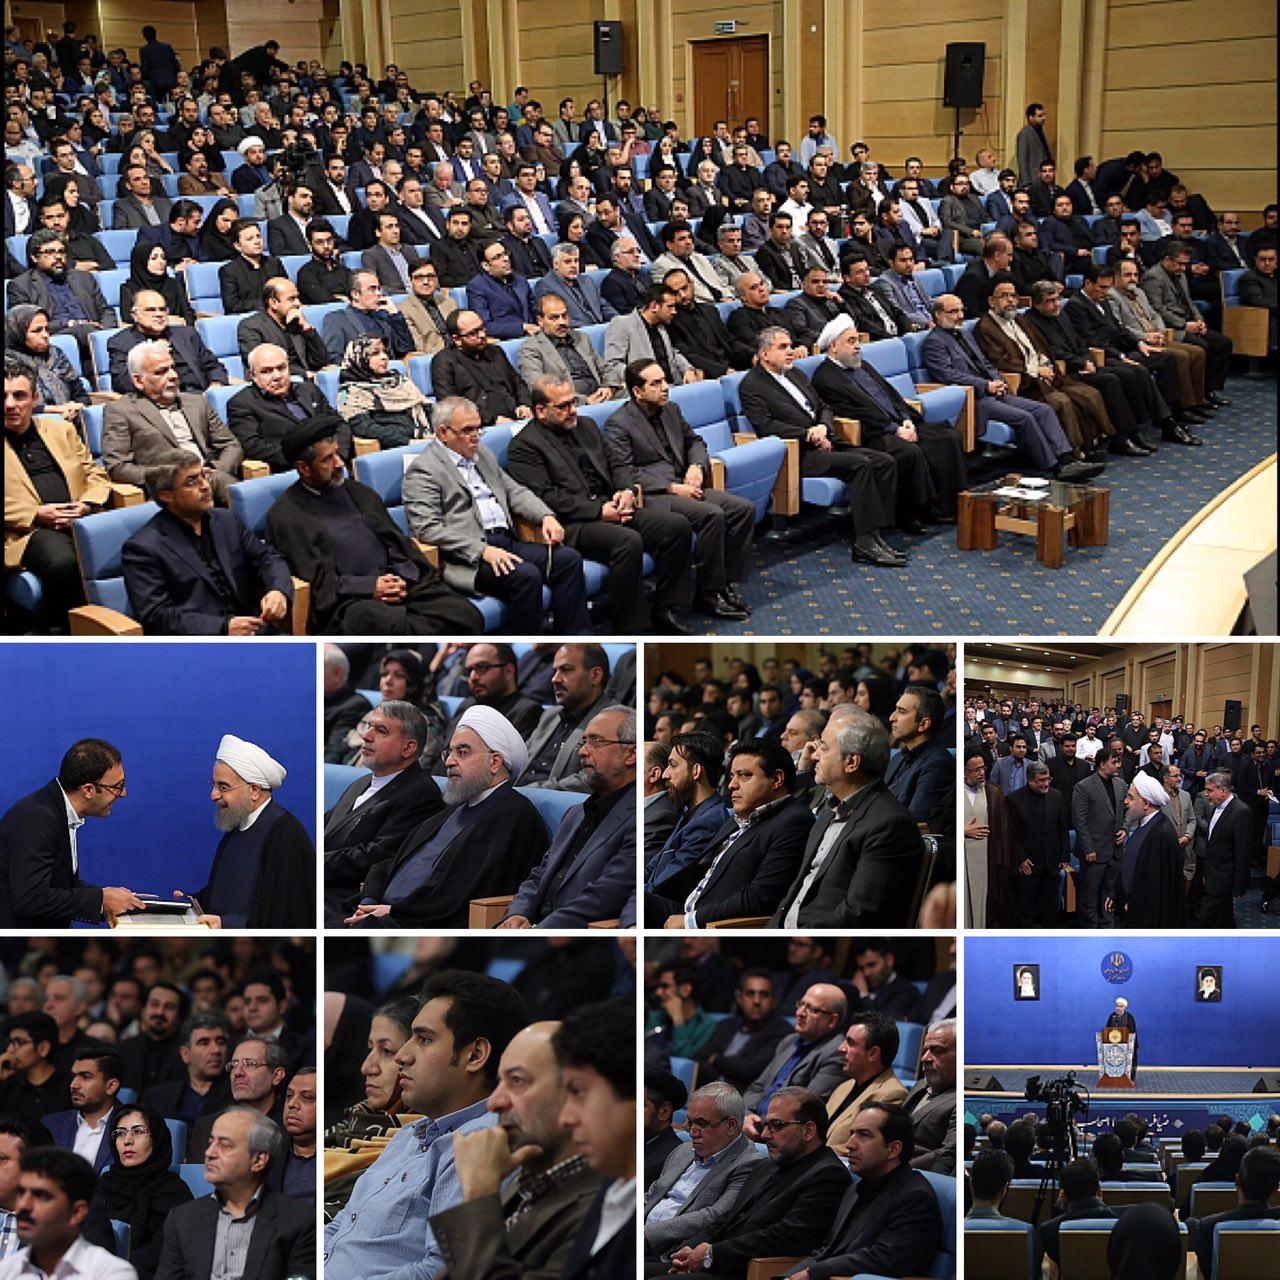 روحانی: انقلابیگری، دشنام دادن نیست